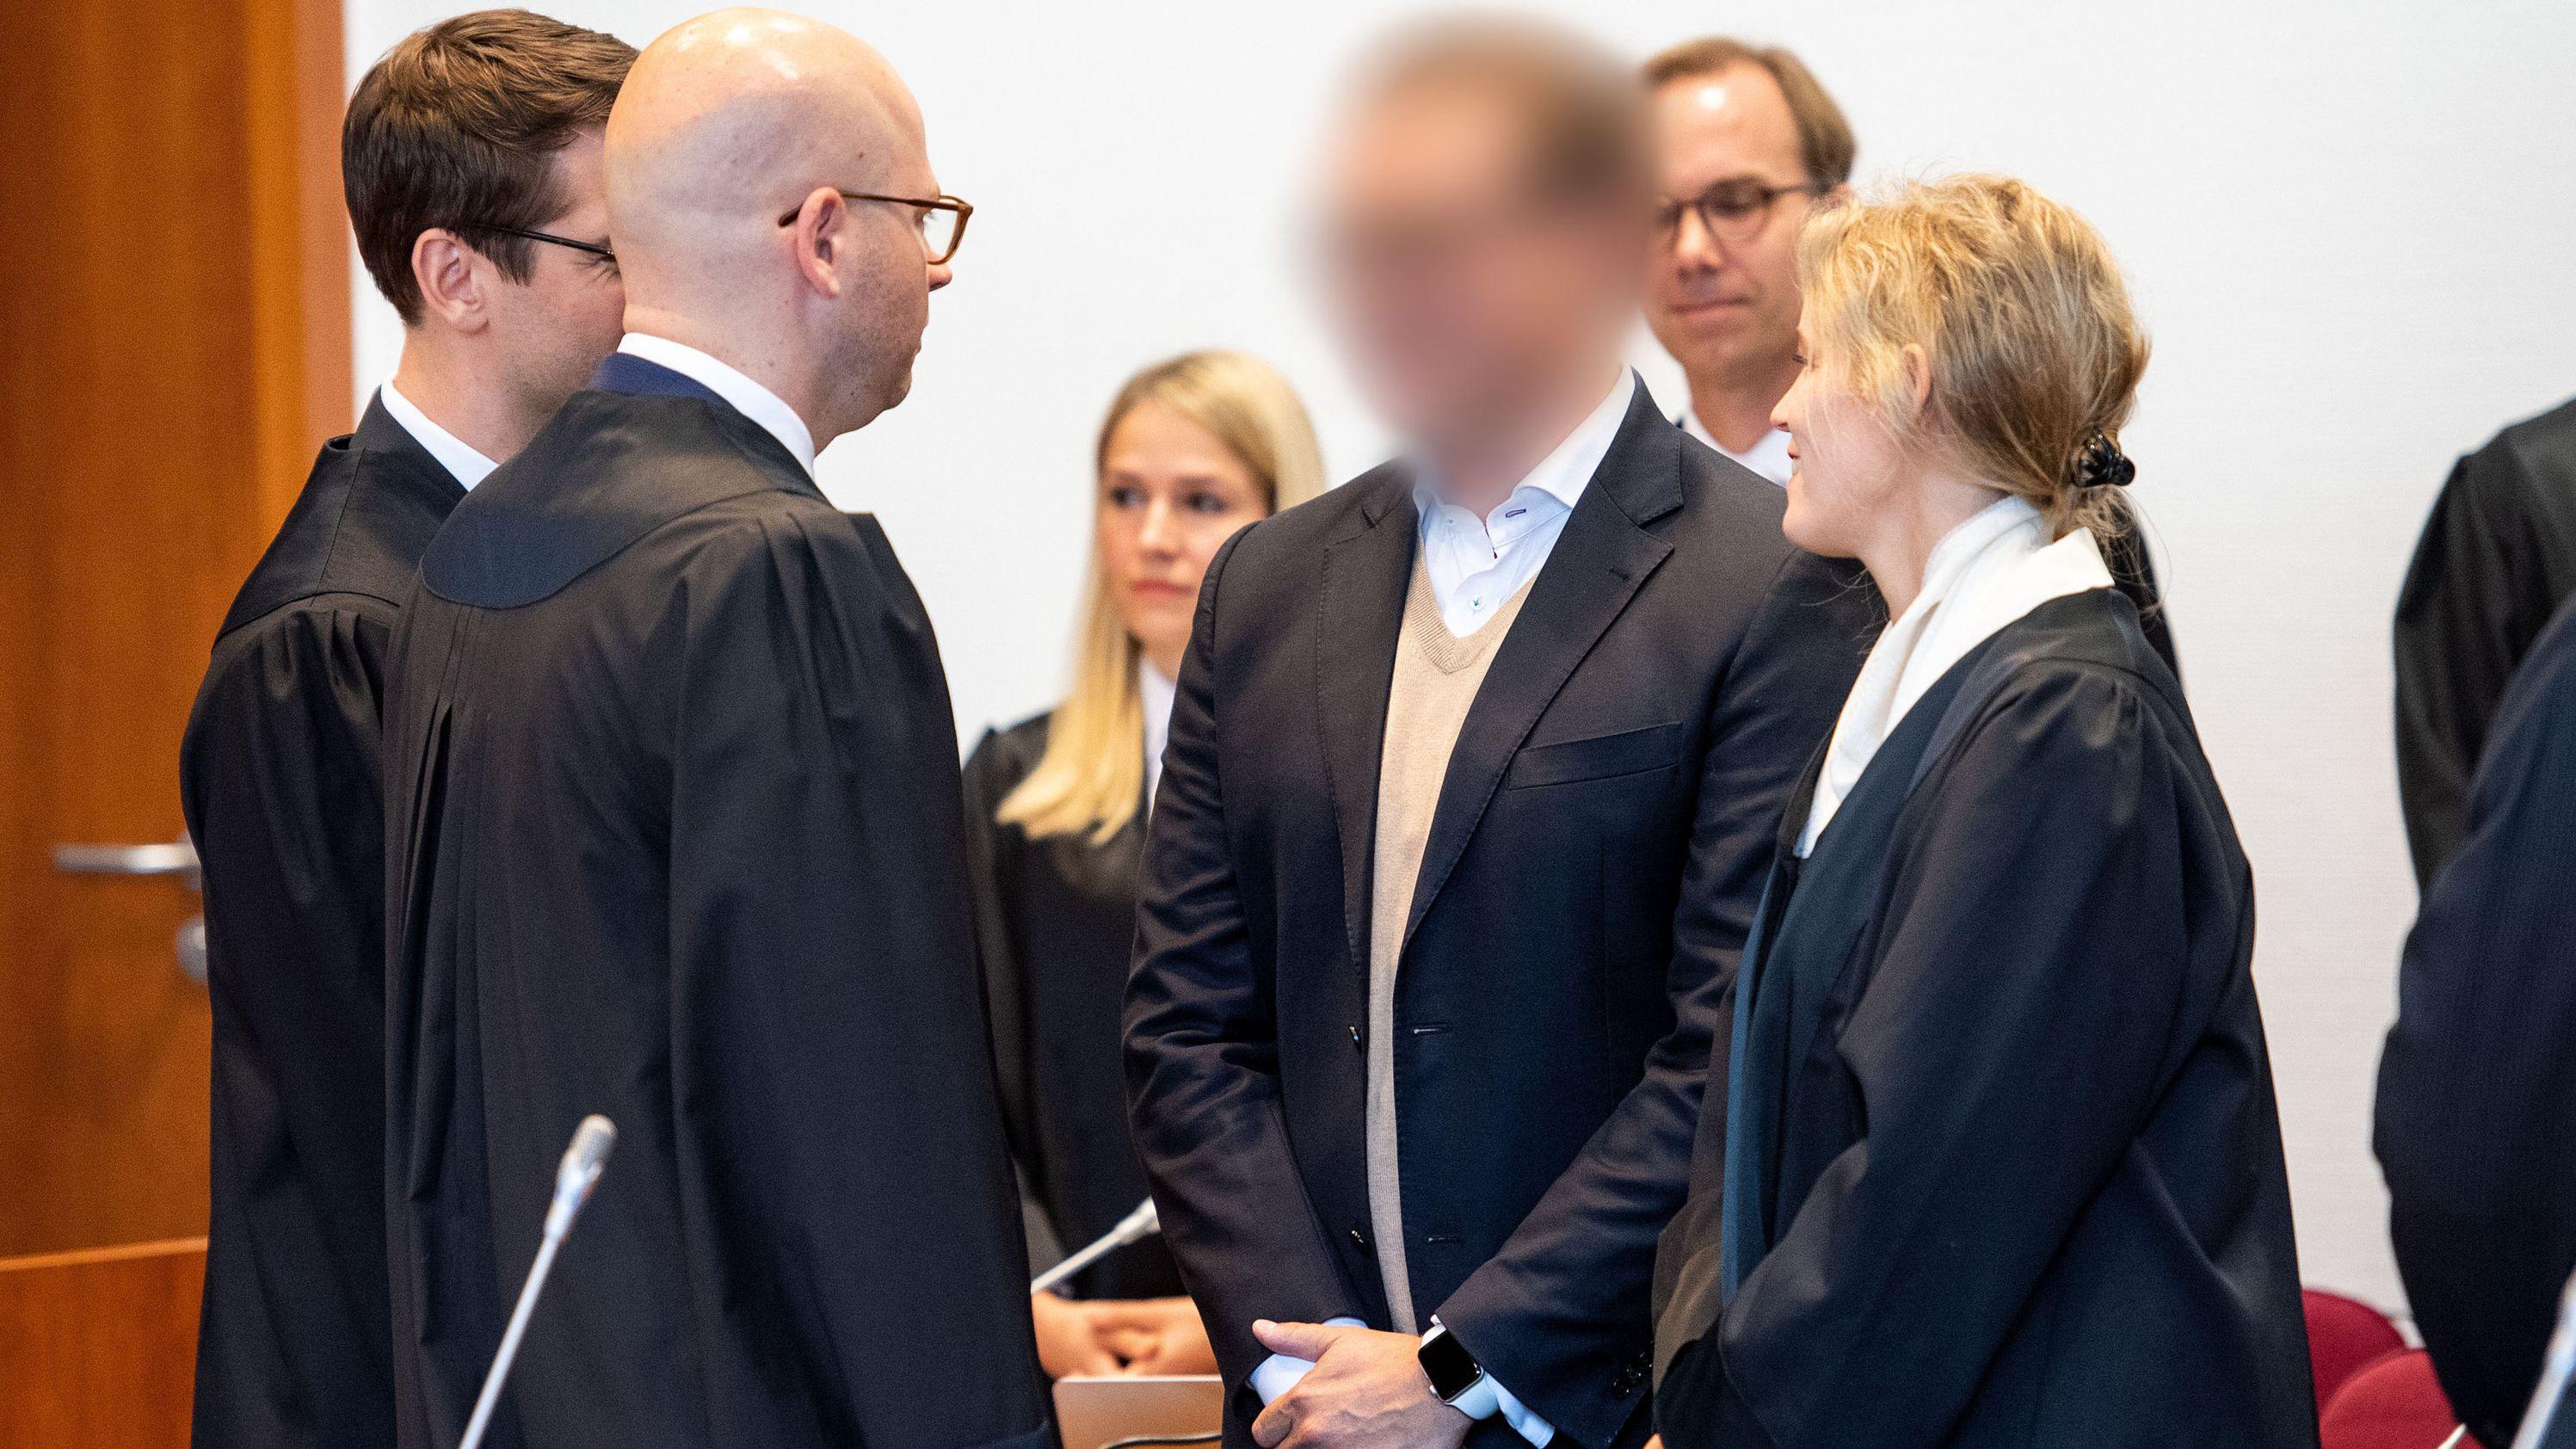 Einer der Angeklagten steht zusammen mit seinen Verteidigern, Übersetzern und Vertretern verschiedener Banken im Landgericht hinter der Anklagebank